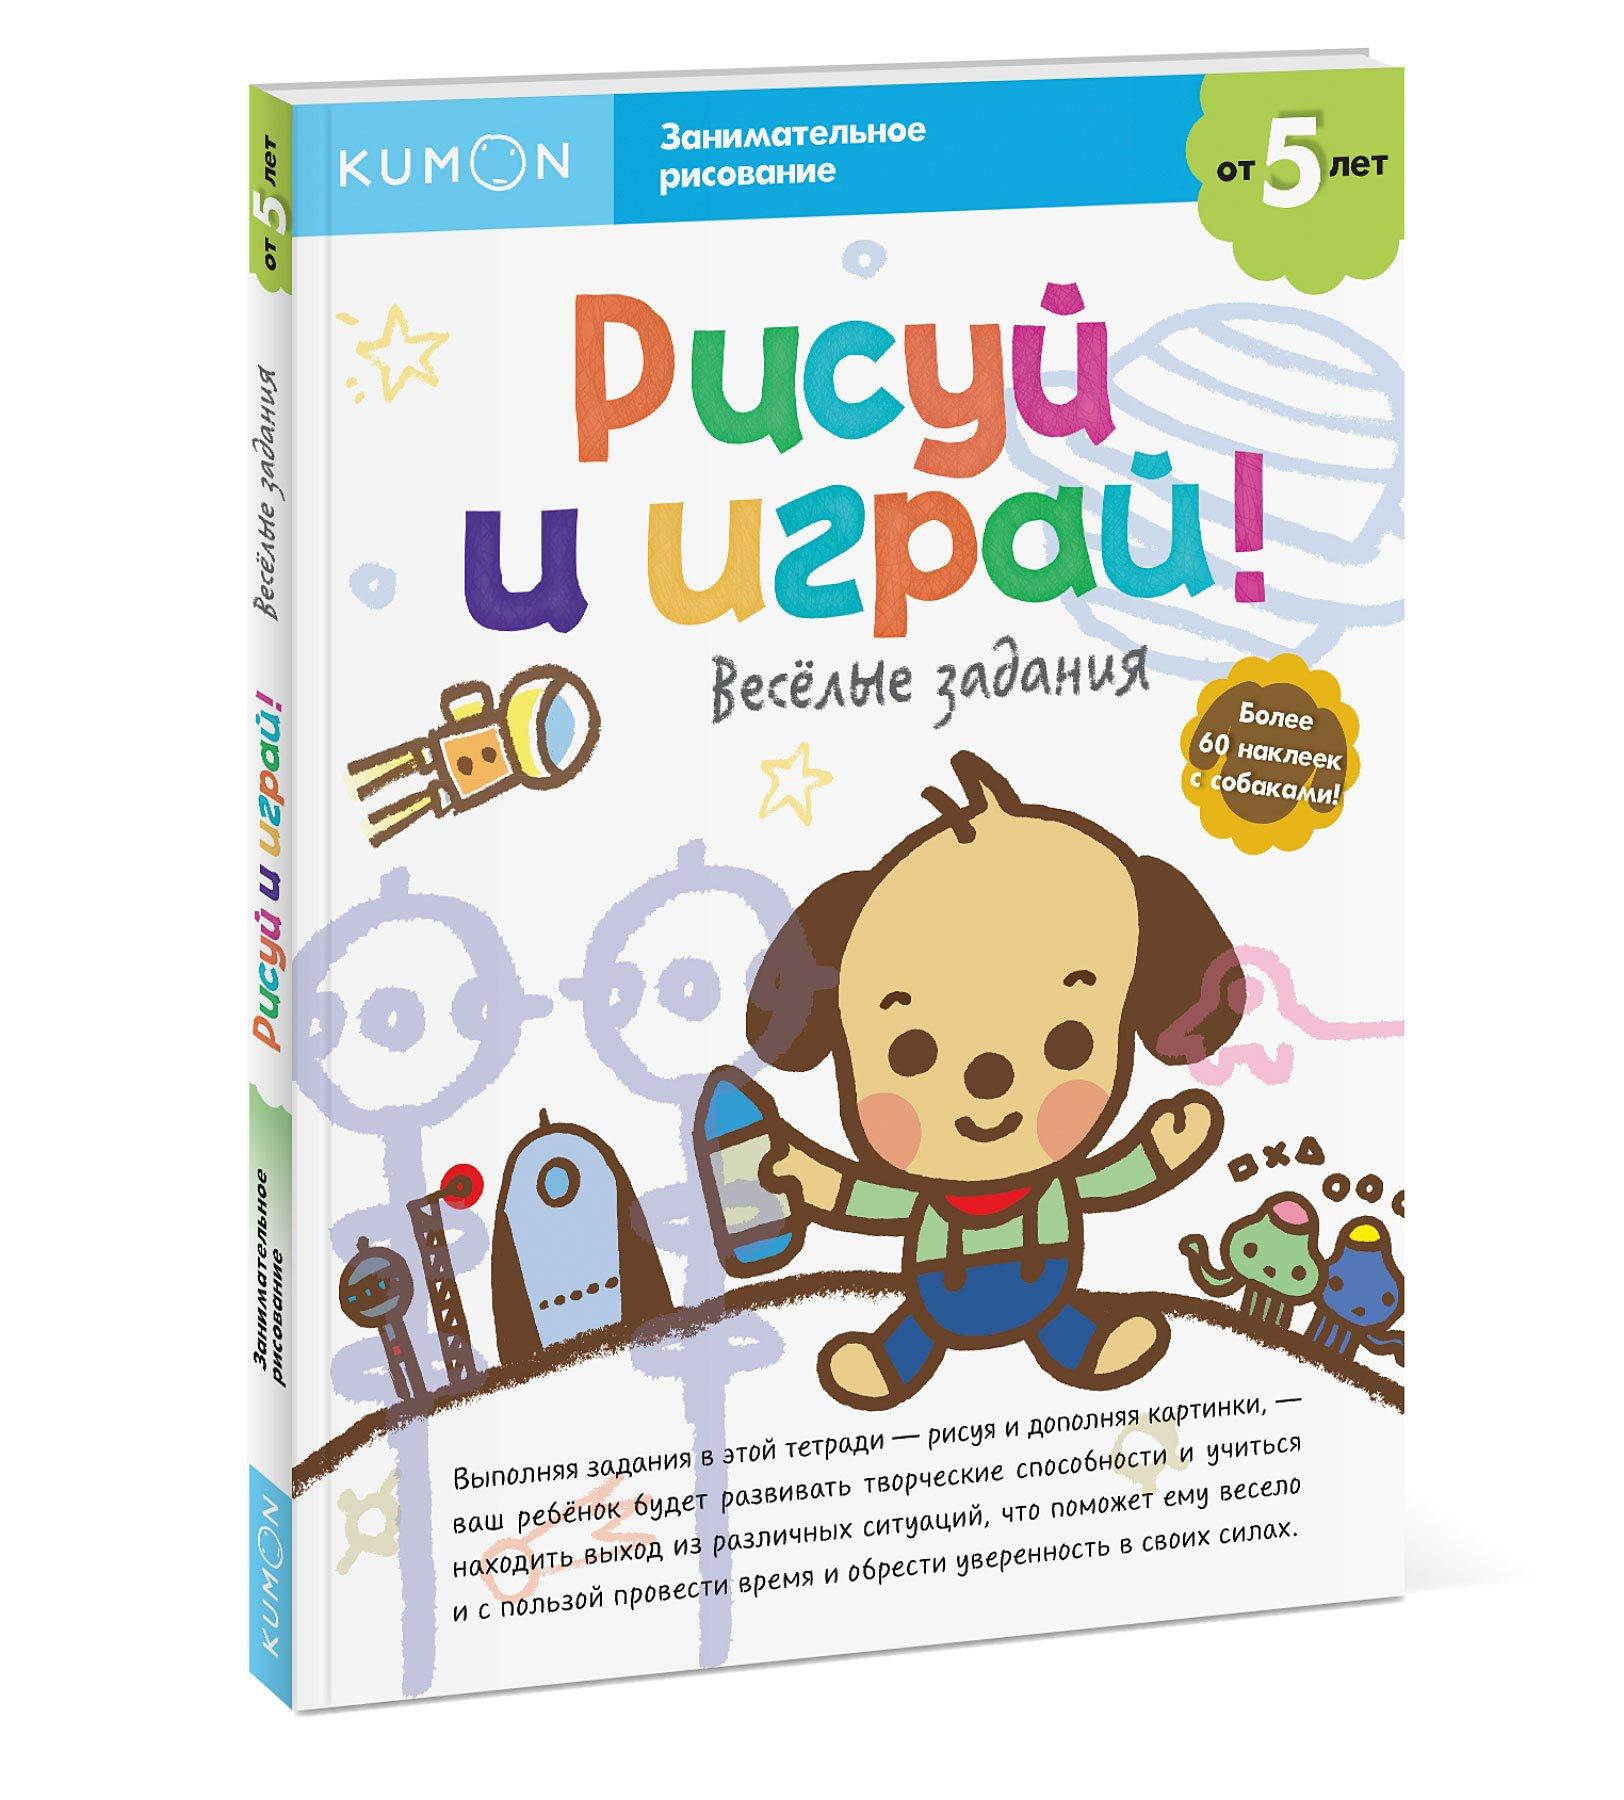 KUMON Рисуй и играй! Весёлые задания kumon рисуй и играй забавные задания